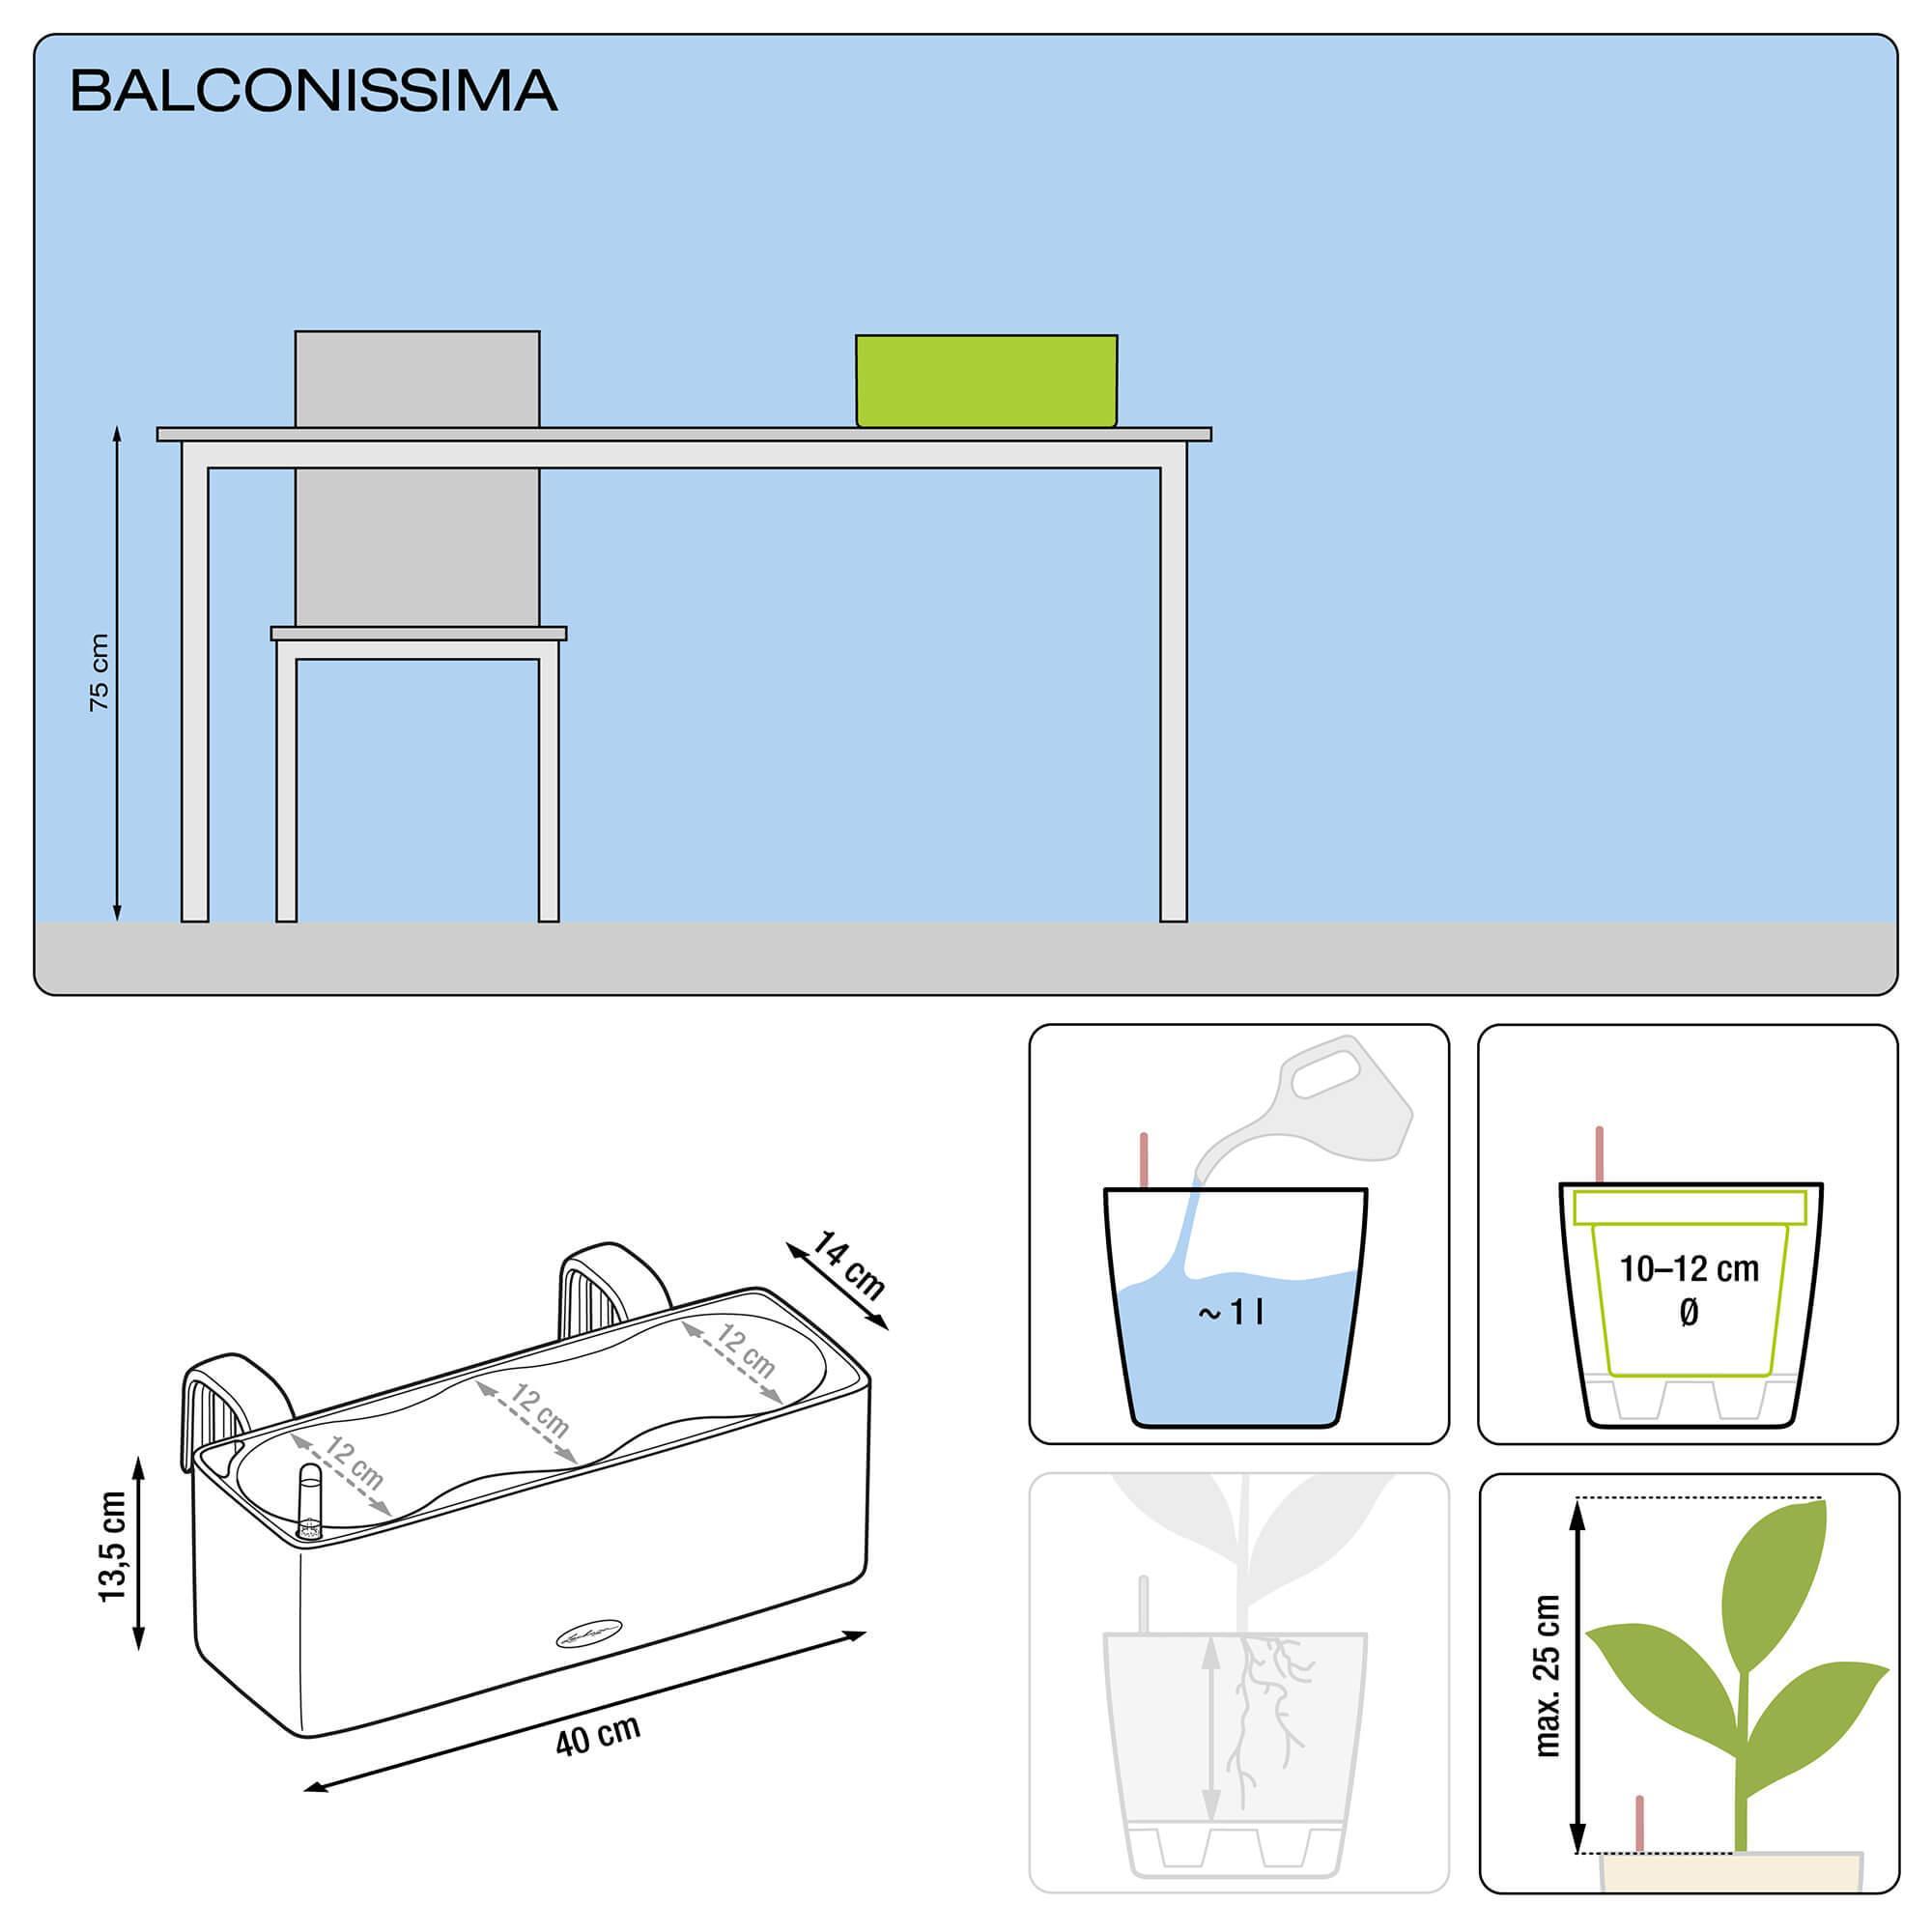 BALCONISSIMA Color ardesia - Immagine 2